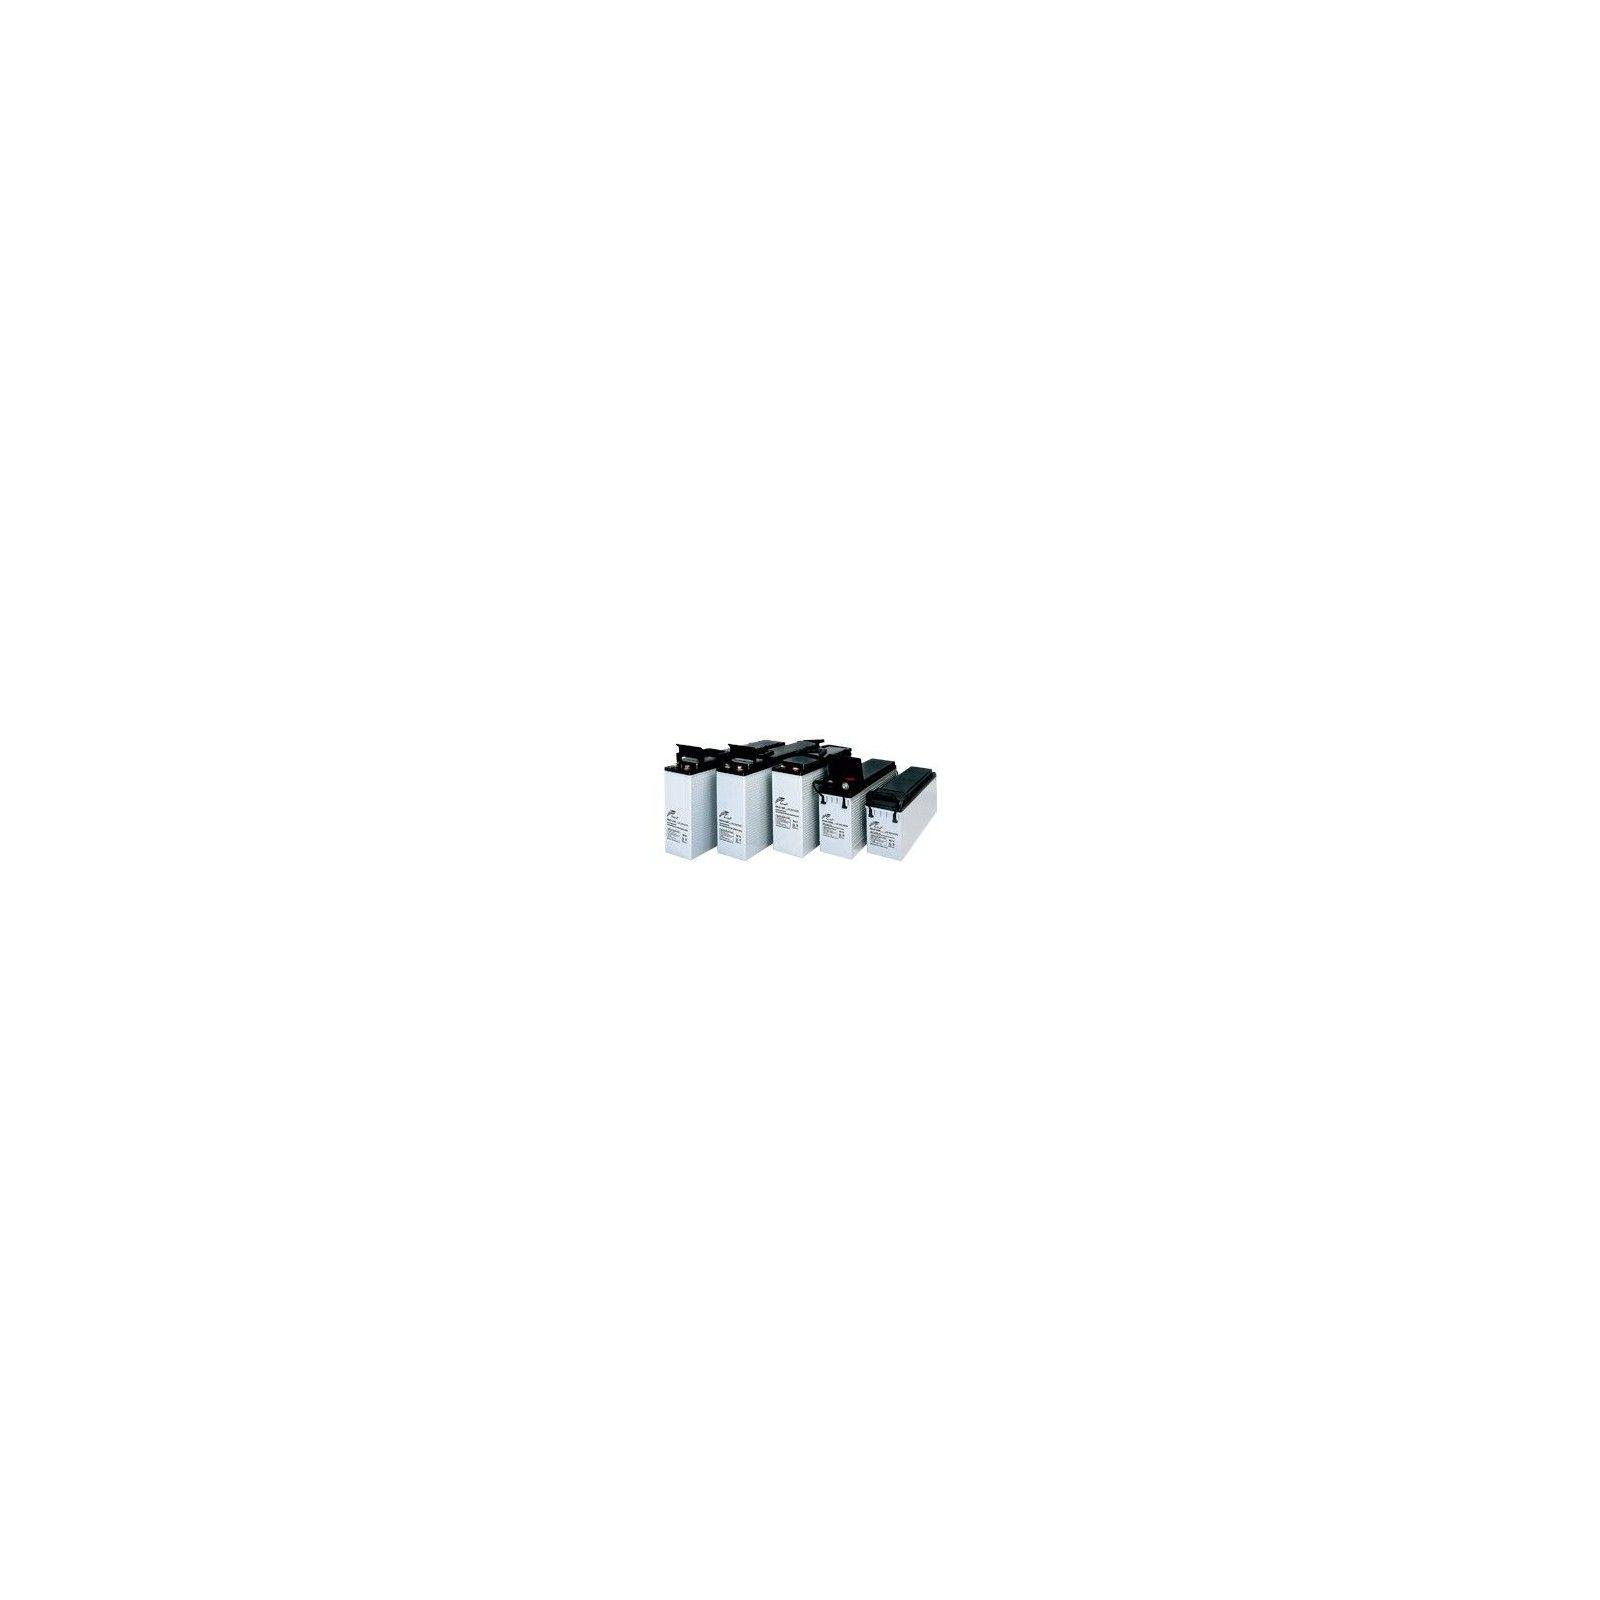 Batería Ritar FT12-260 260Ah 12V Ft RITAR - 1